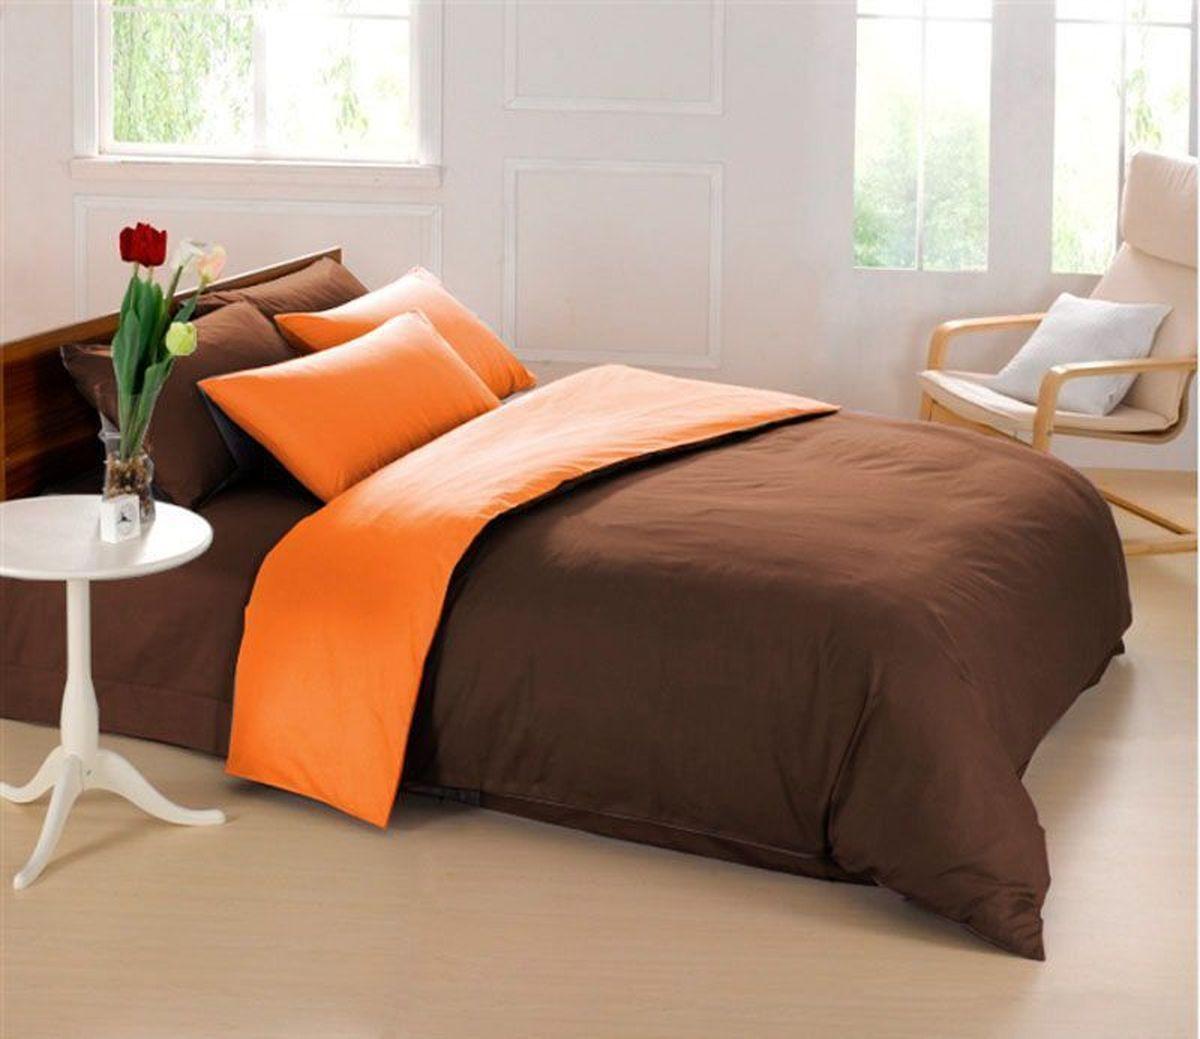 Комплект белья Sleep iX Perfection, семейный, наволочки 50х70, 70х70, цвет: оранжевый, темно-коричневый5747/4Комплект постельного белья Sleep iX Perfection состоит из двух пододеяльников, простыни и четырех наволочек. Предметы комплекта выполнены из абсолютно гипоаллергенной микрофибры, неприхотливой в уходе. Благодаря такому комплекту постельного белья вы сможете создать атмосферу уюта и комфорта в вашей спальне. Известно, что цвет напрямую воздействует на психологическое и физическое состояние человека. Оранжевый – вызывает ощущение теплоты, бодрости, веселья, создает хорошее настроение. Оранжевый омолаживает, возбуждает аппетит, способствует оптимистическому настрою и гармонии с окружающей средой.Коричневый - спокойный и сдержанный цвет. Вызывает ощущение тепла, способствует созданию спокойного мягкого настроения. Это цвет надежности, прочности, здравого смысла.Советы по выбору постельного белья от блогера Ирины Соковых. Статья OZON Гид